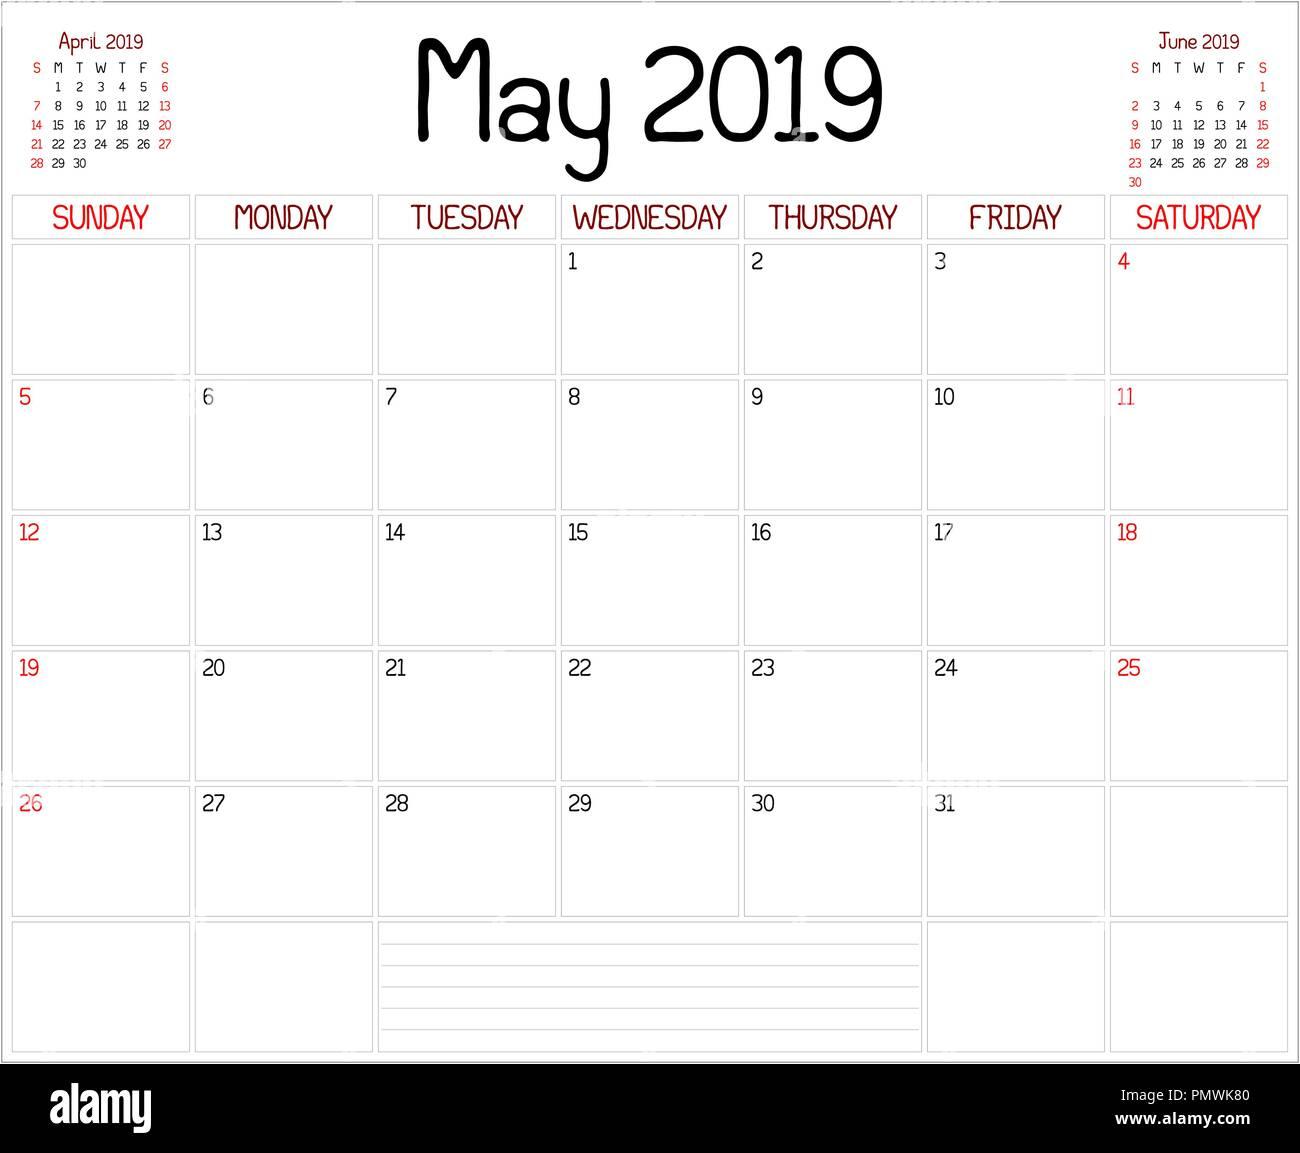 Calendrier Mai2019.Une Planification Mensuelle Calendrier Pour Mai 2019 Sur